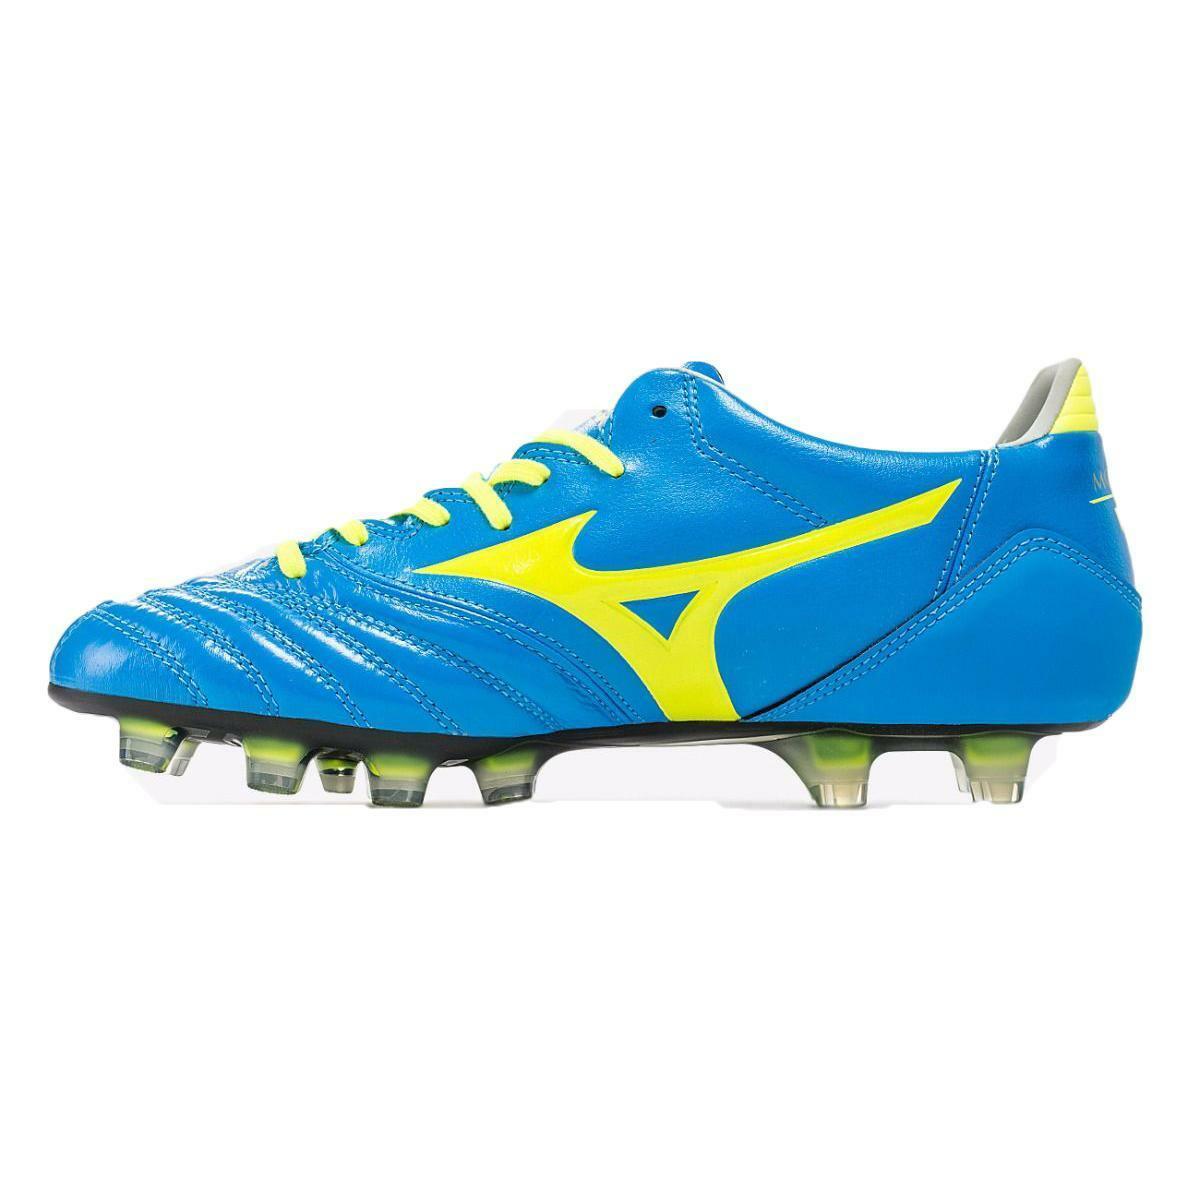 mizuno mizuno scarpa calcio morelia neo kl md azzurro/giallo